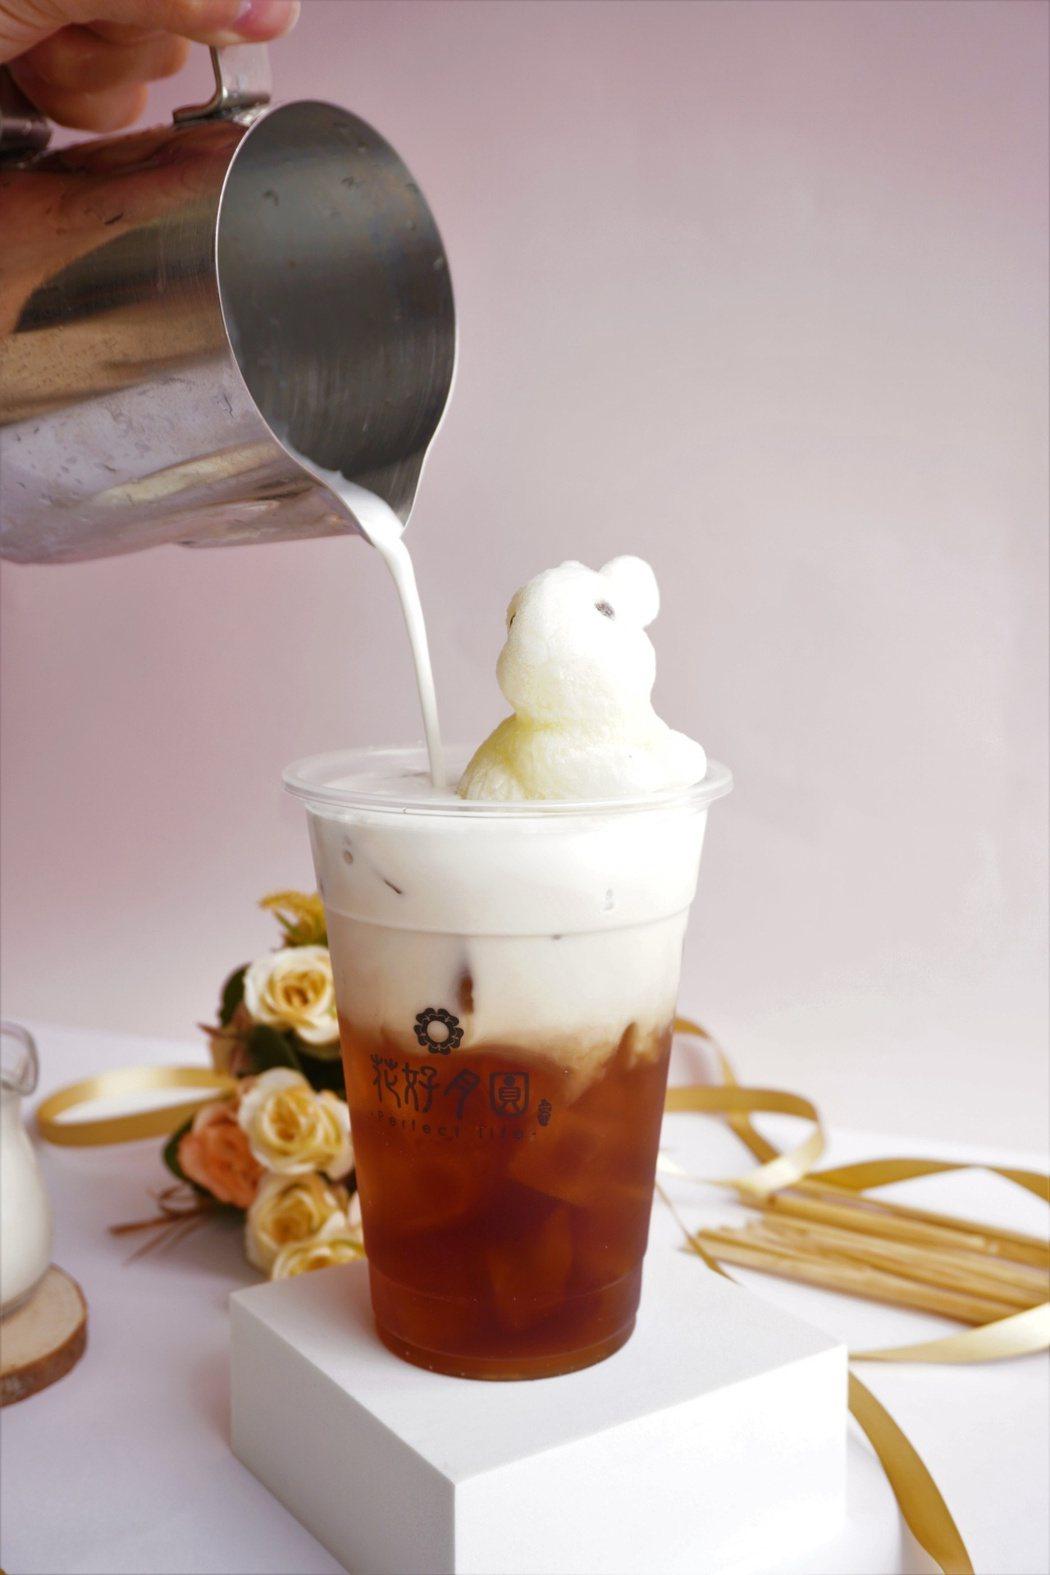 台中手搖飲品牌花好月圓推出「兔兔來澡茶」系列,夏季限定款。